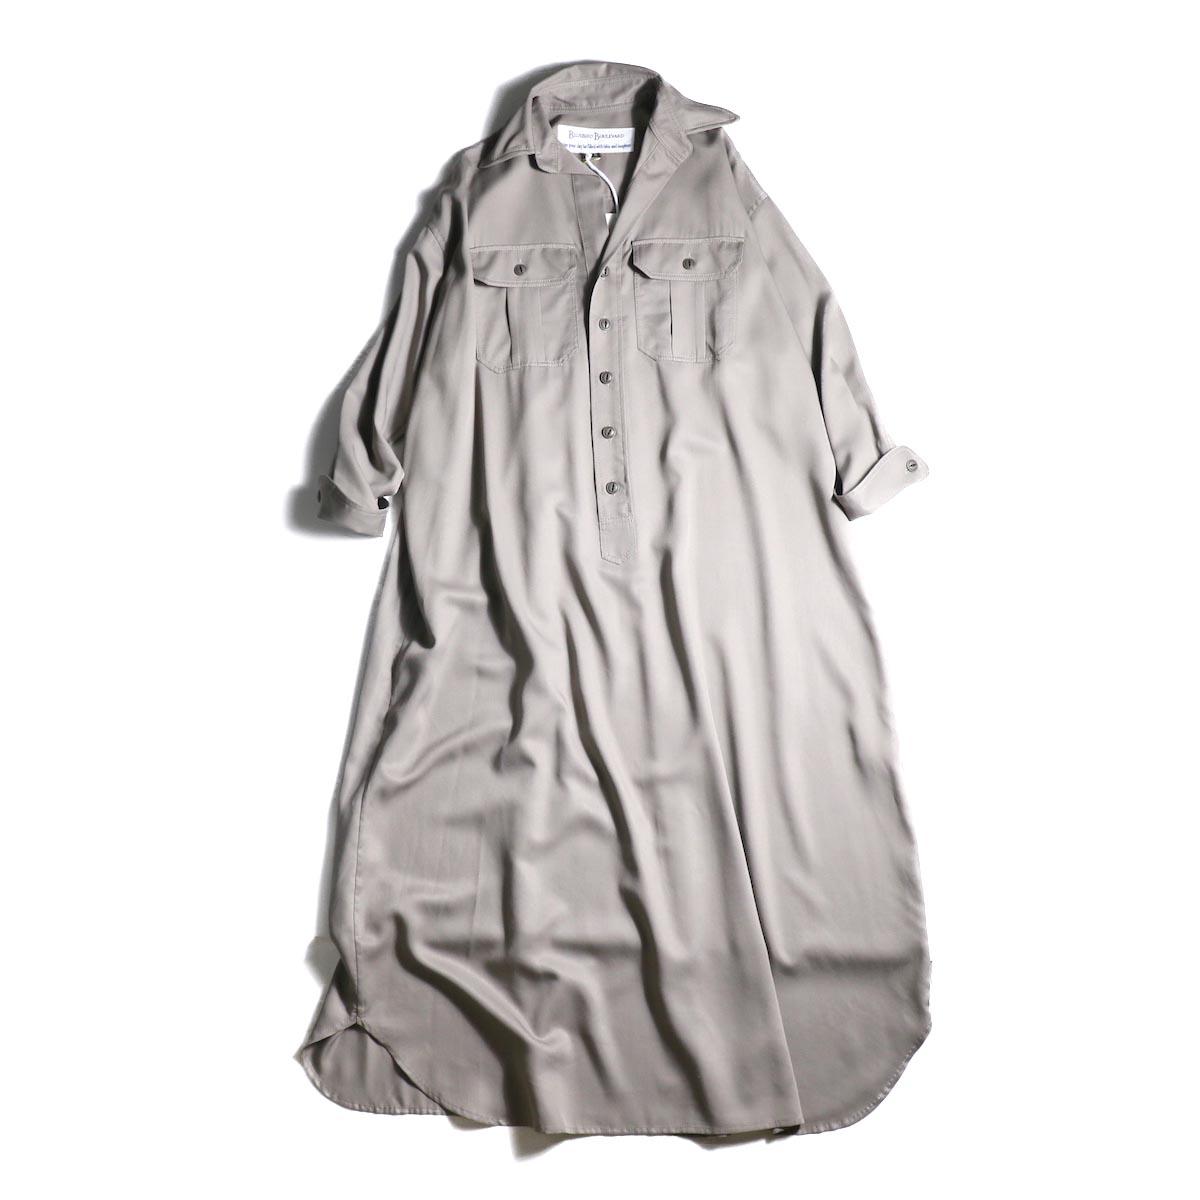 BLUEBIRD BOULEVARD / ソフトツイルシャツドレス (Taupe)